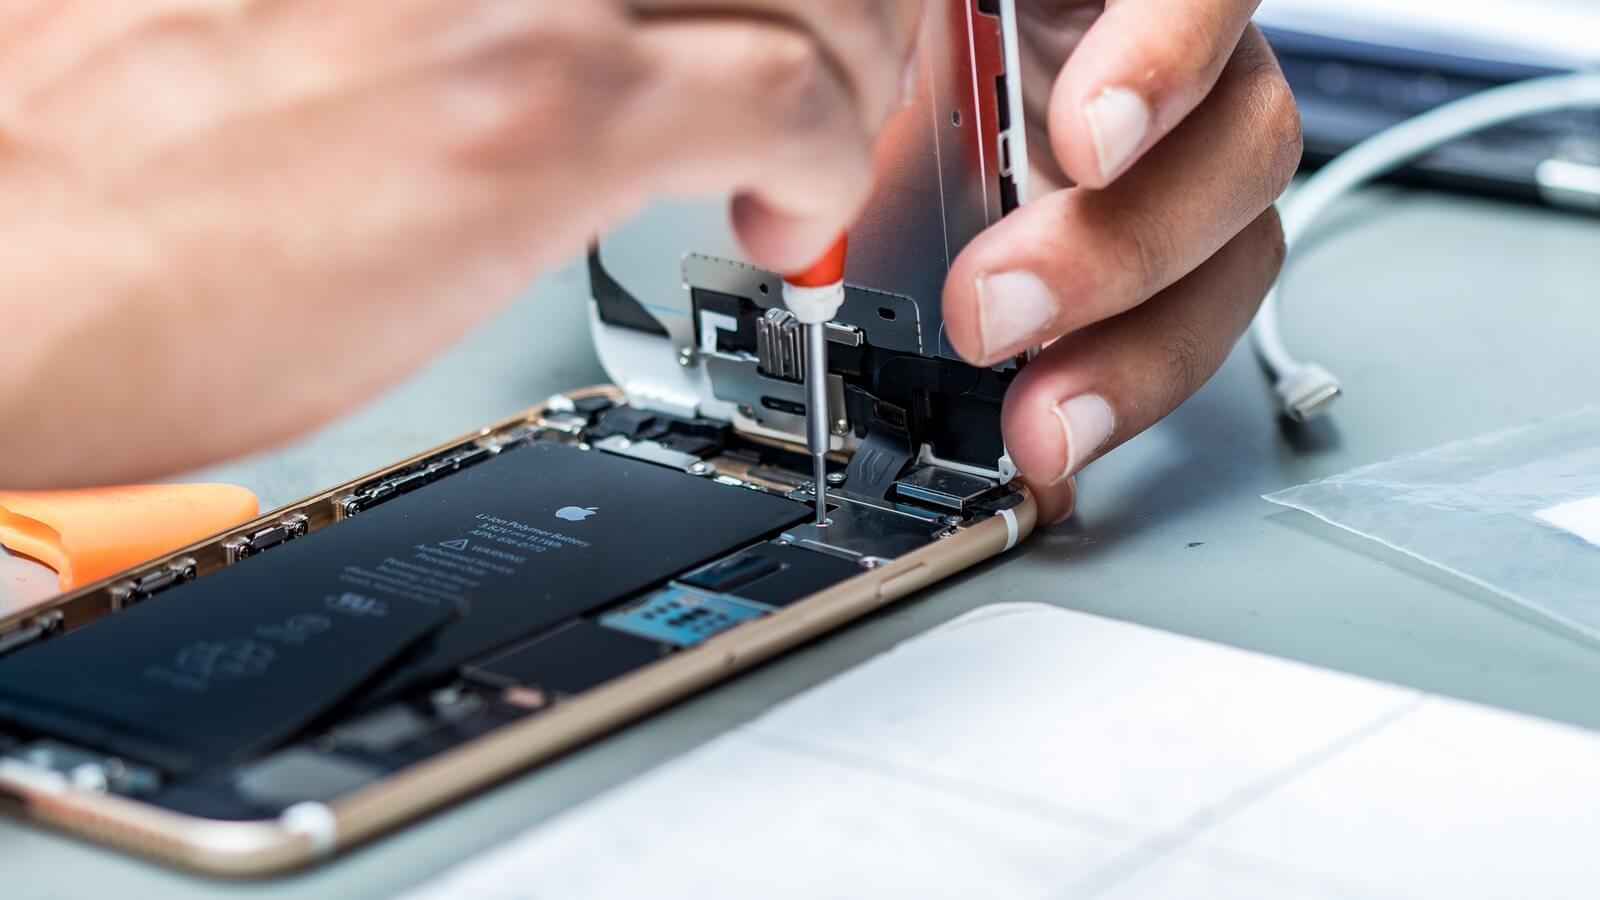 Apple испытывает дефицит аккумуляторов для iPhone 6 Plus